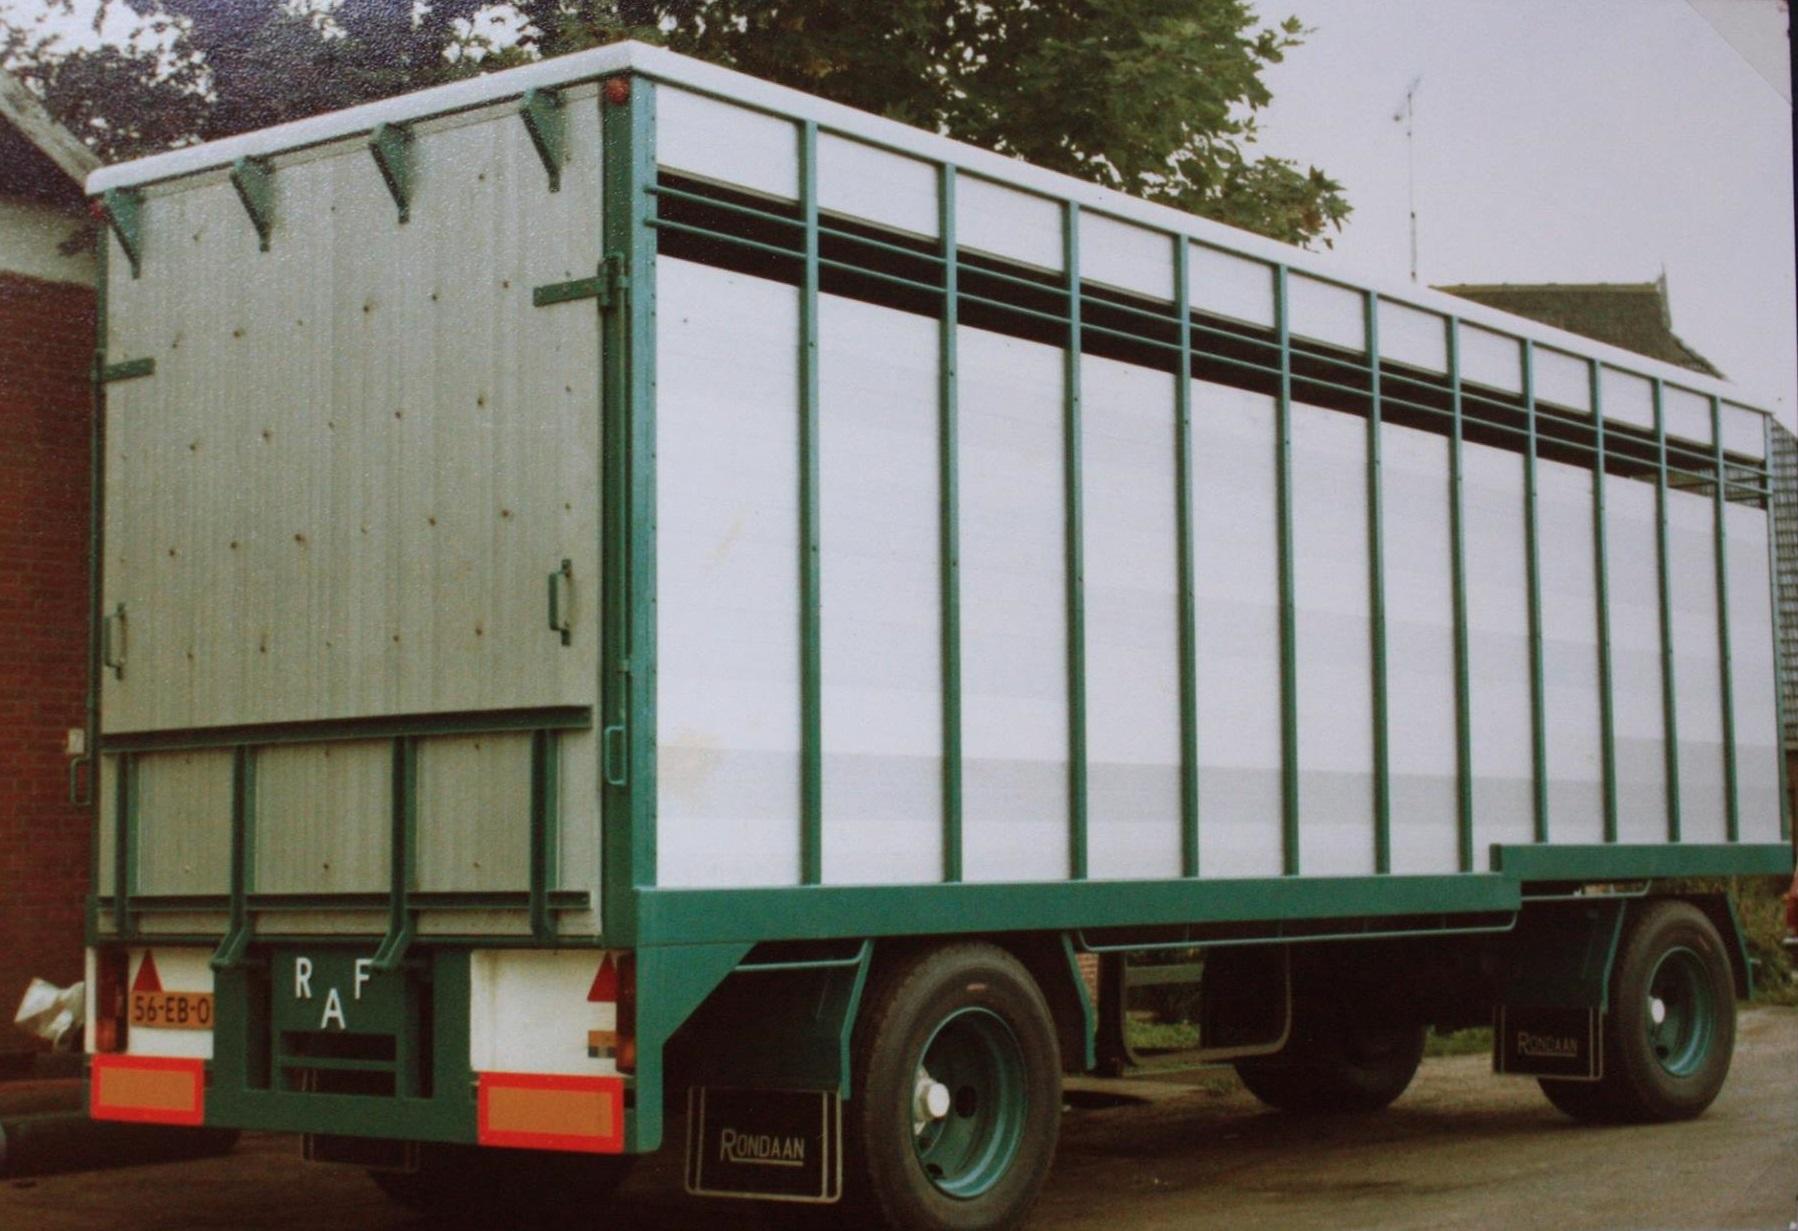 RAF-veevervoer-aanhangwagen-is-in-1982-door-Rondaan-in-Beetgum-gebouwd-voor-G-Dijkstra-uit-Hilaard-en-zo-ziet-hij-er-na-36-jaar-uit--de-opbouw-mankeert-bijna-niets-aan-2